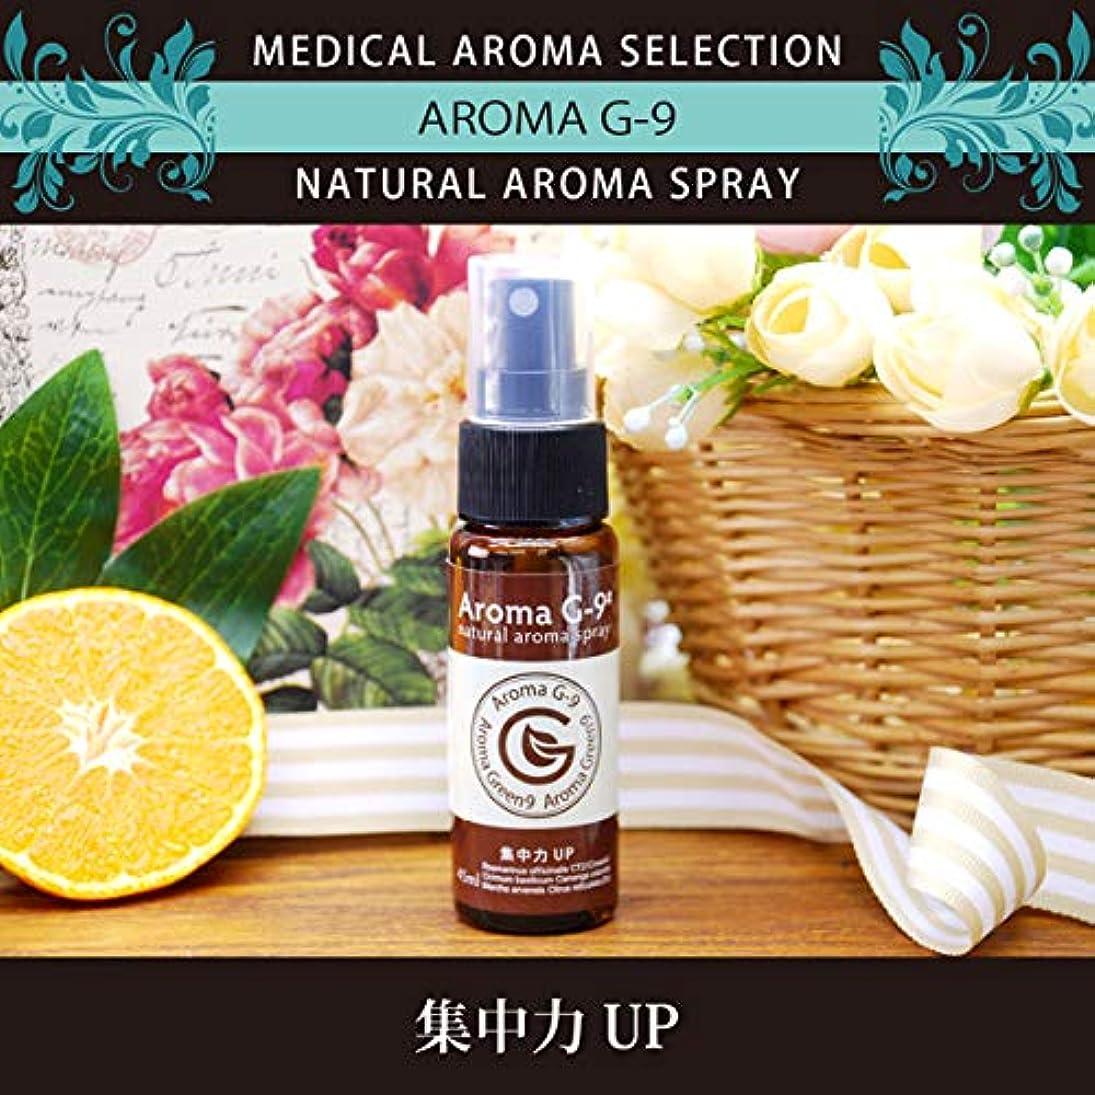 ポルティコ強化ポーチアロマスプレー Aroma G-9# 集中力アップアロマスプレー 45ml